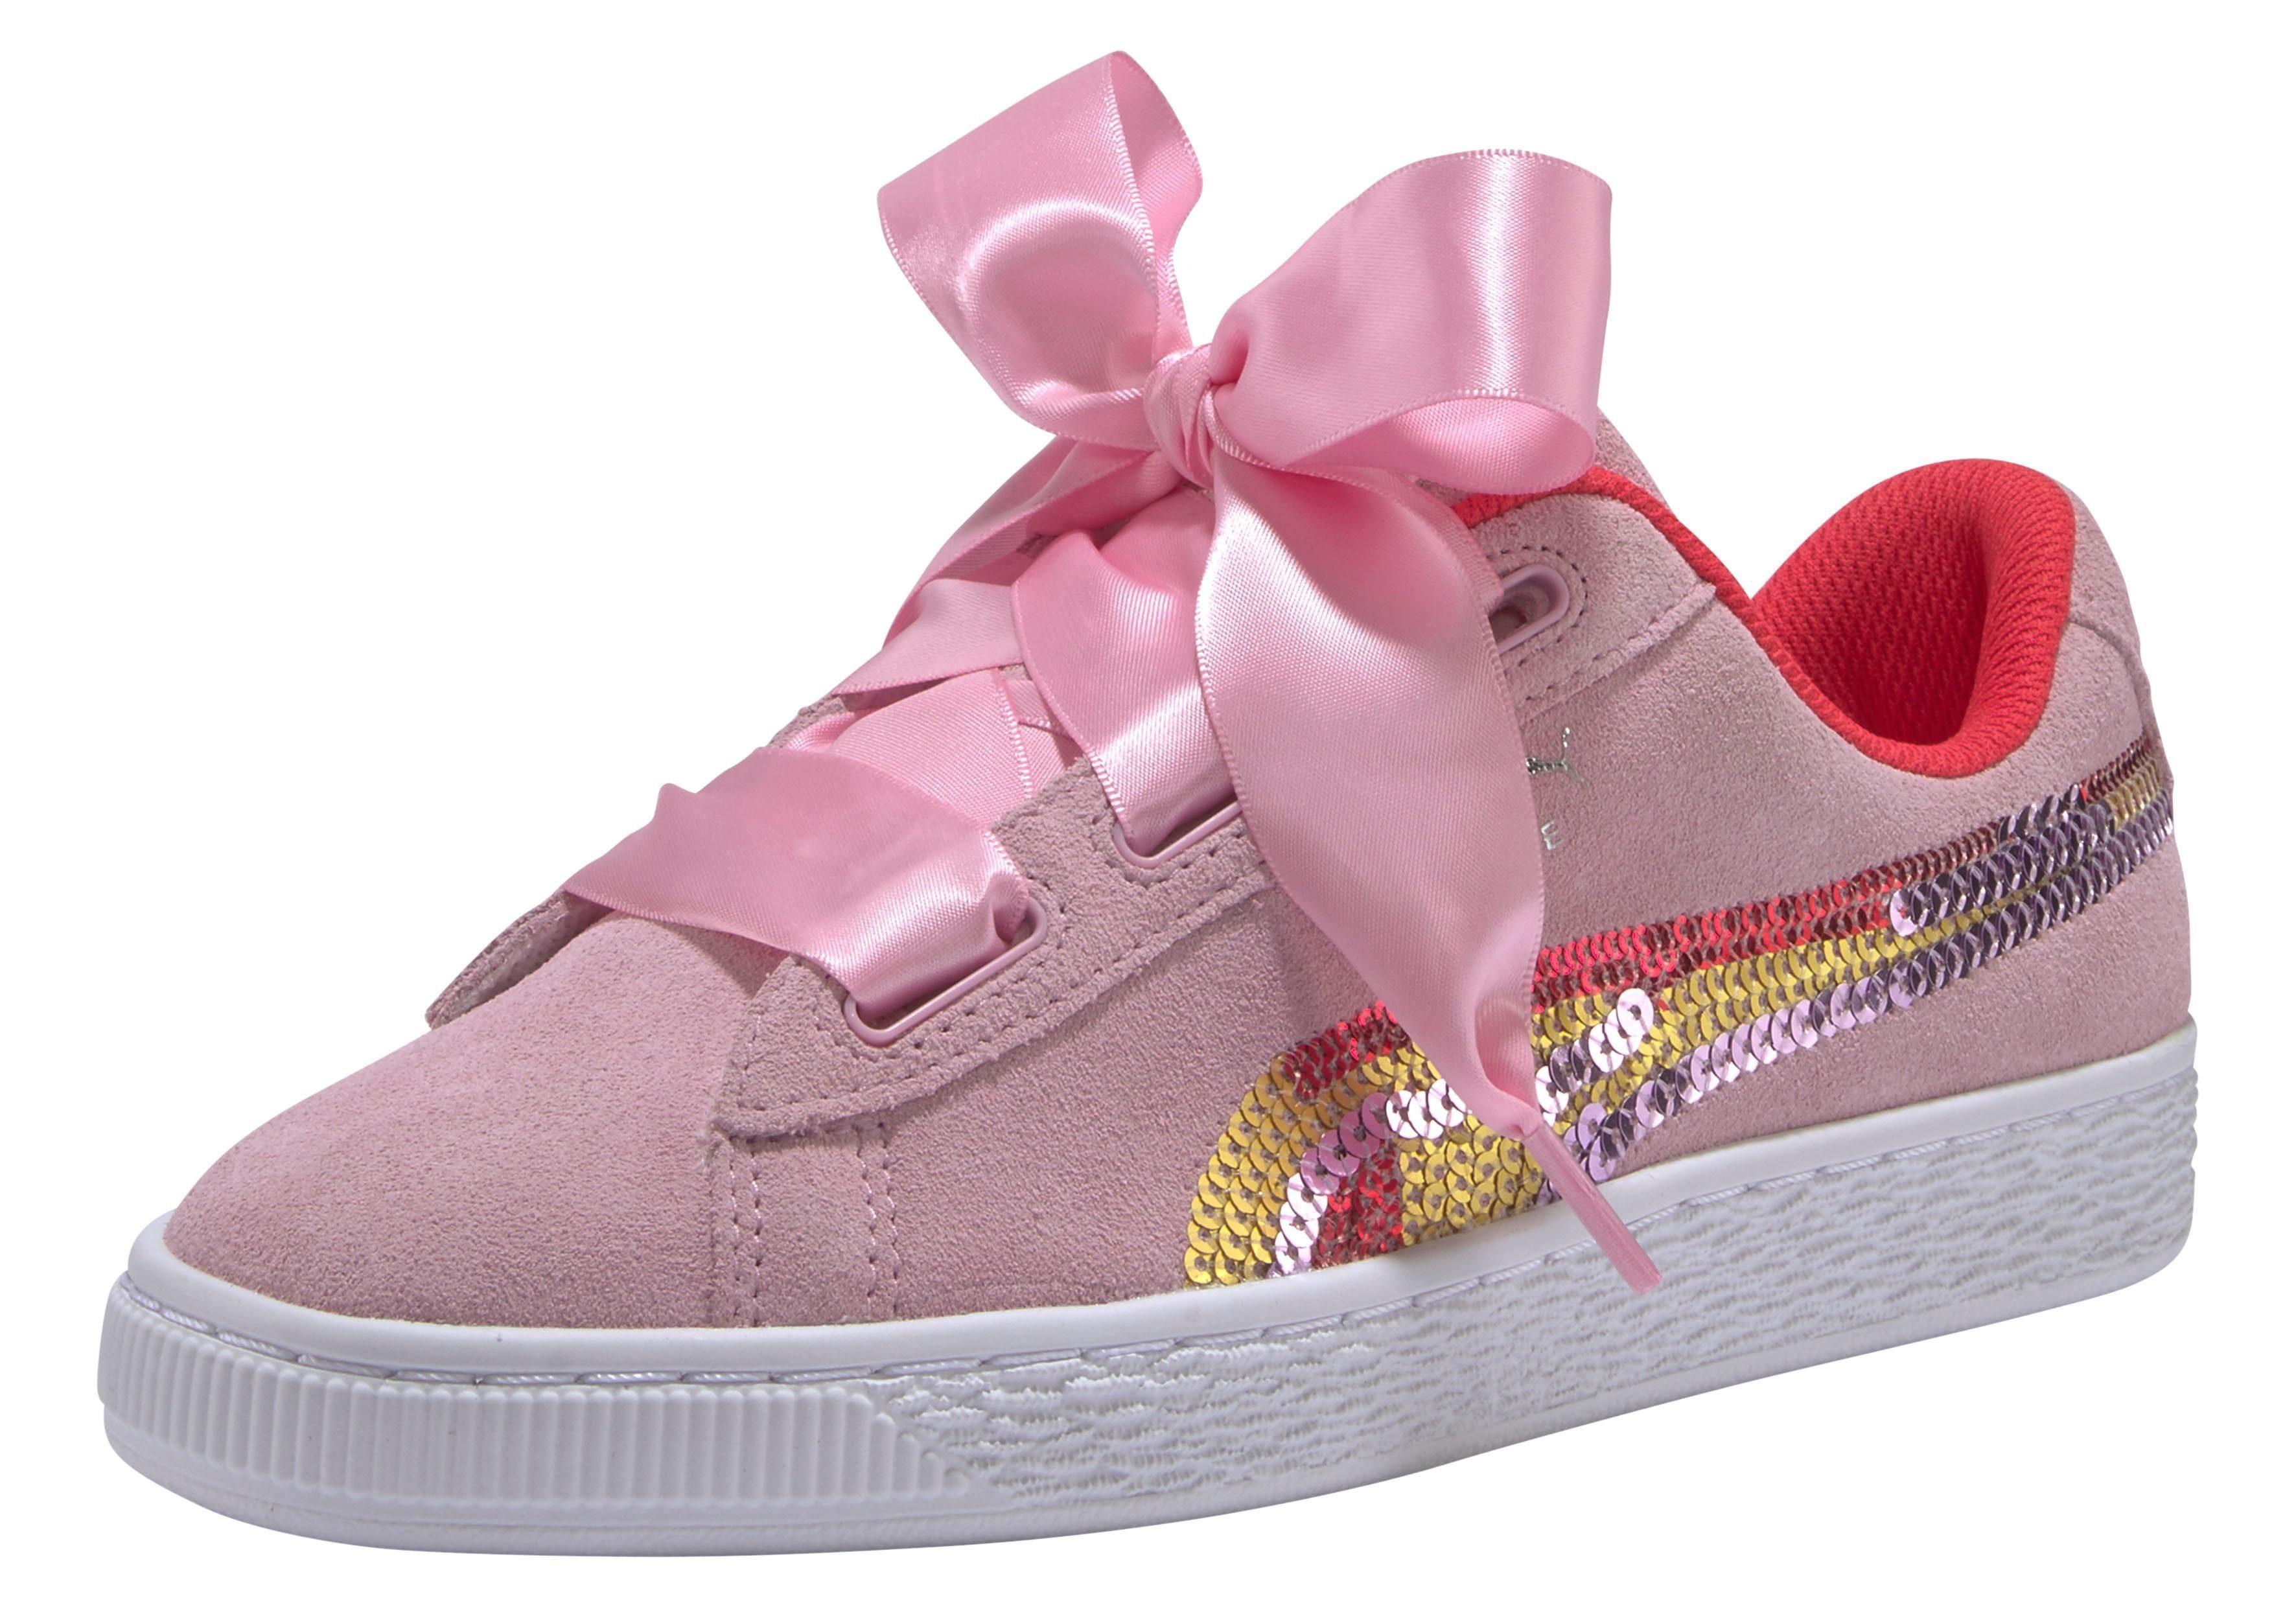 Rosa Puma Sneaker mit Herzchen, große Schleife